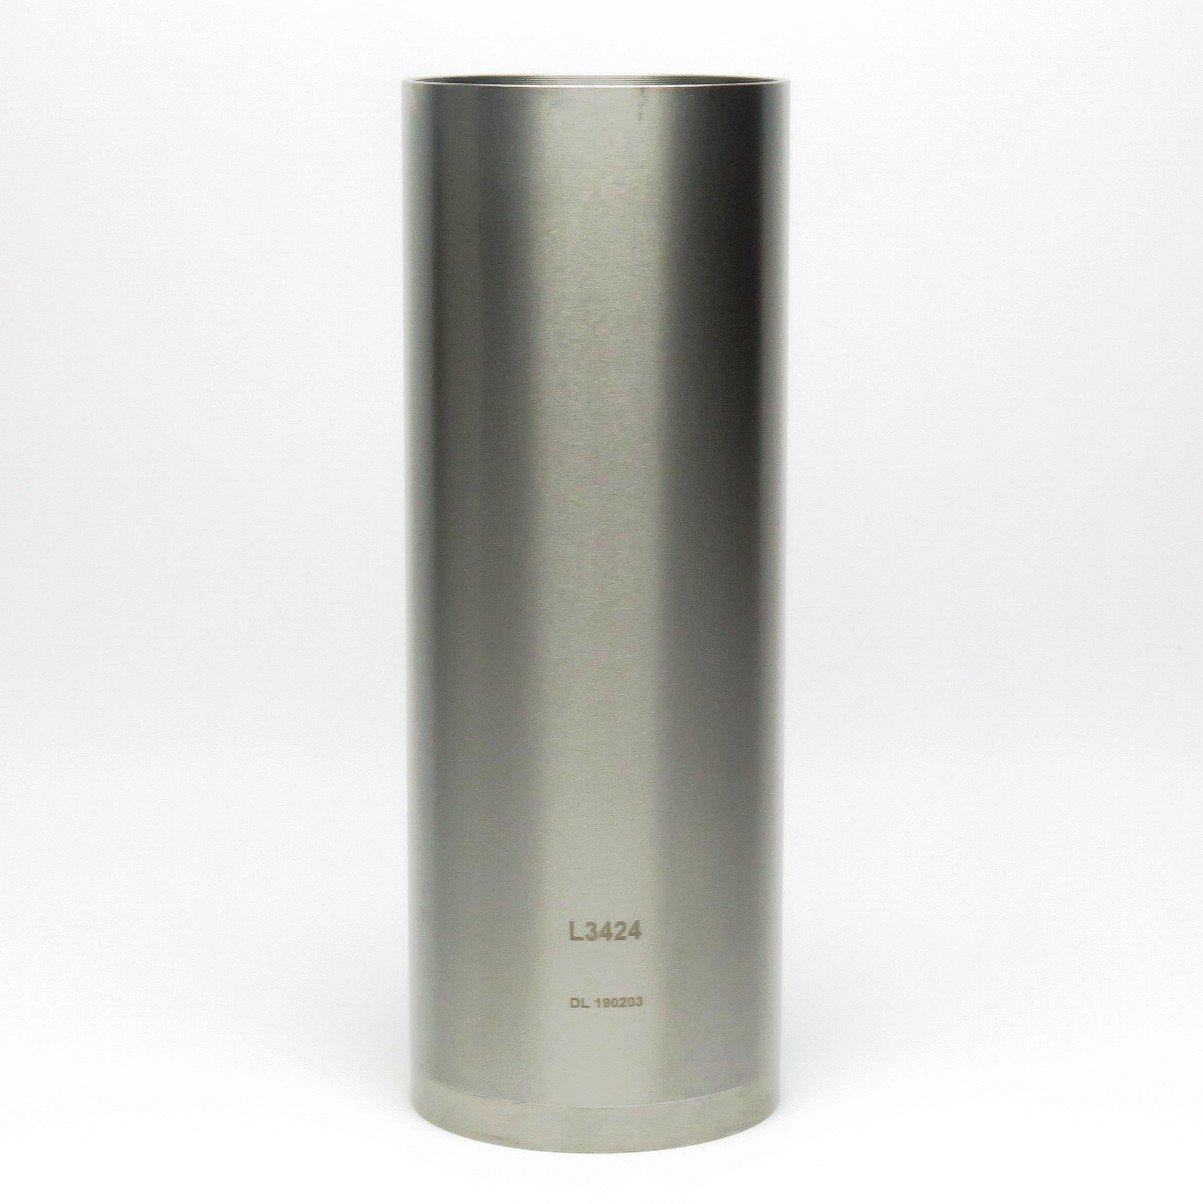 L 3424 - Plain Repair Liner